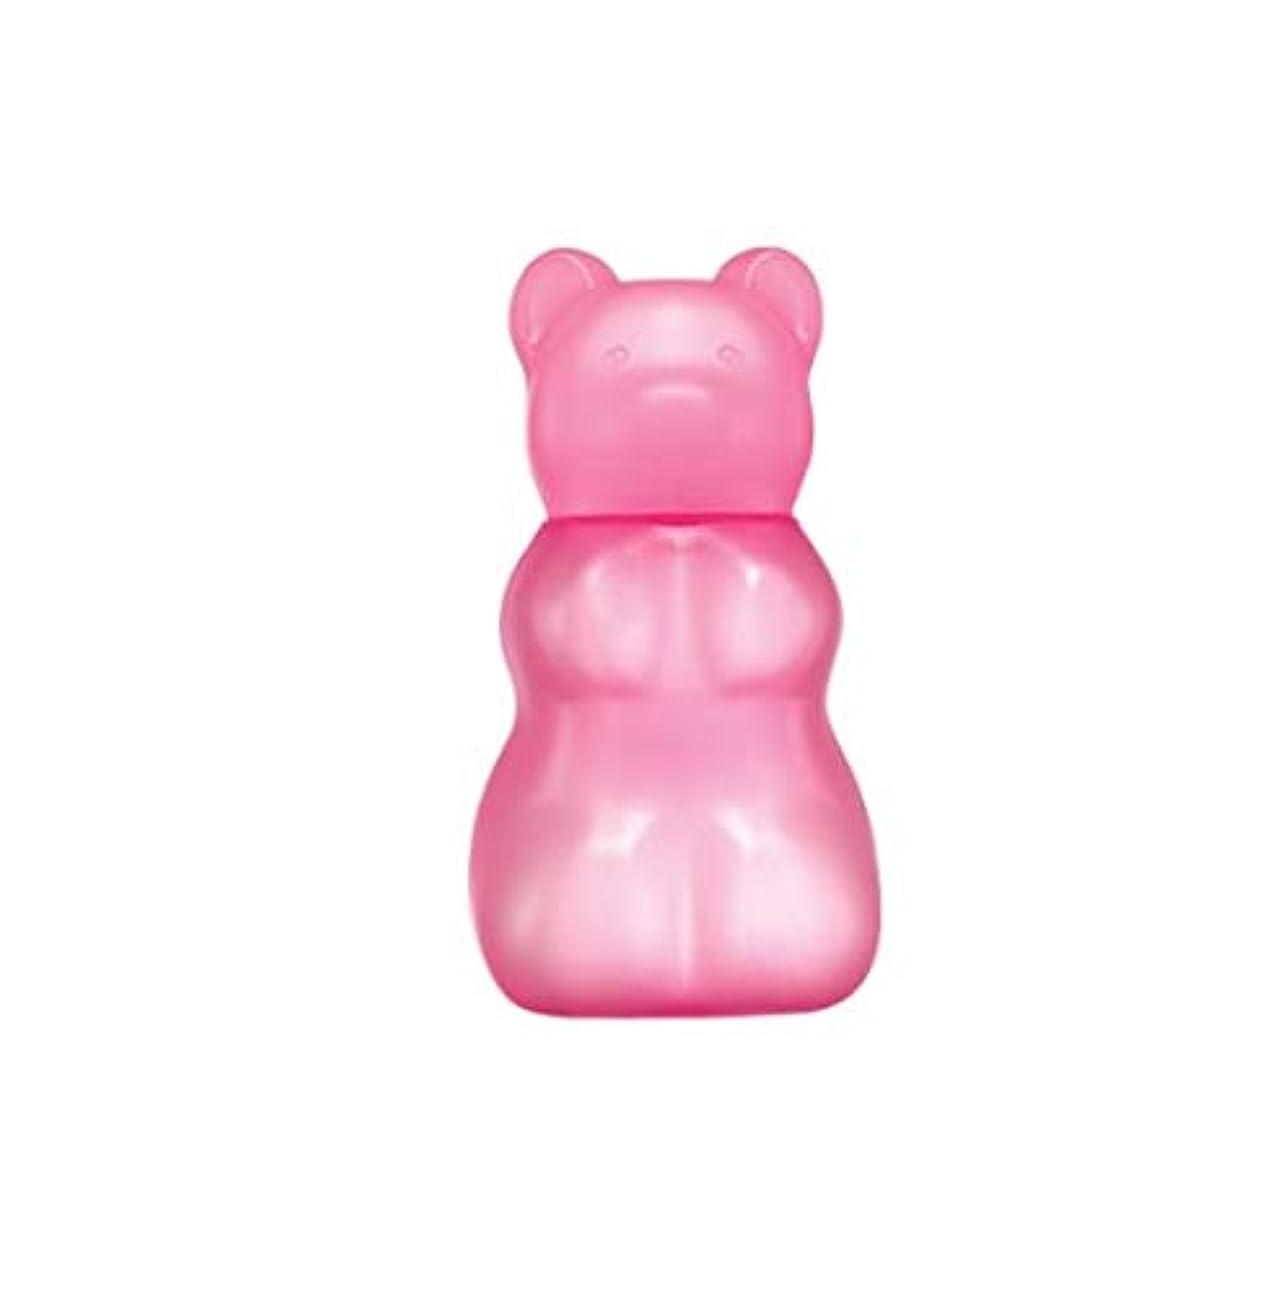 液化する不正直キャメルSkinfood グミベアゼリークリーンジェル(アップル)#ラズベリー(ハンドジェル) / Gummy Bear Jelly Clean Gel (Apple) #Raspberry (Handgel) 45ml [並行輸入品]